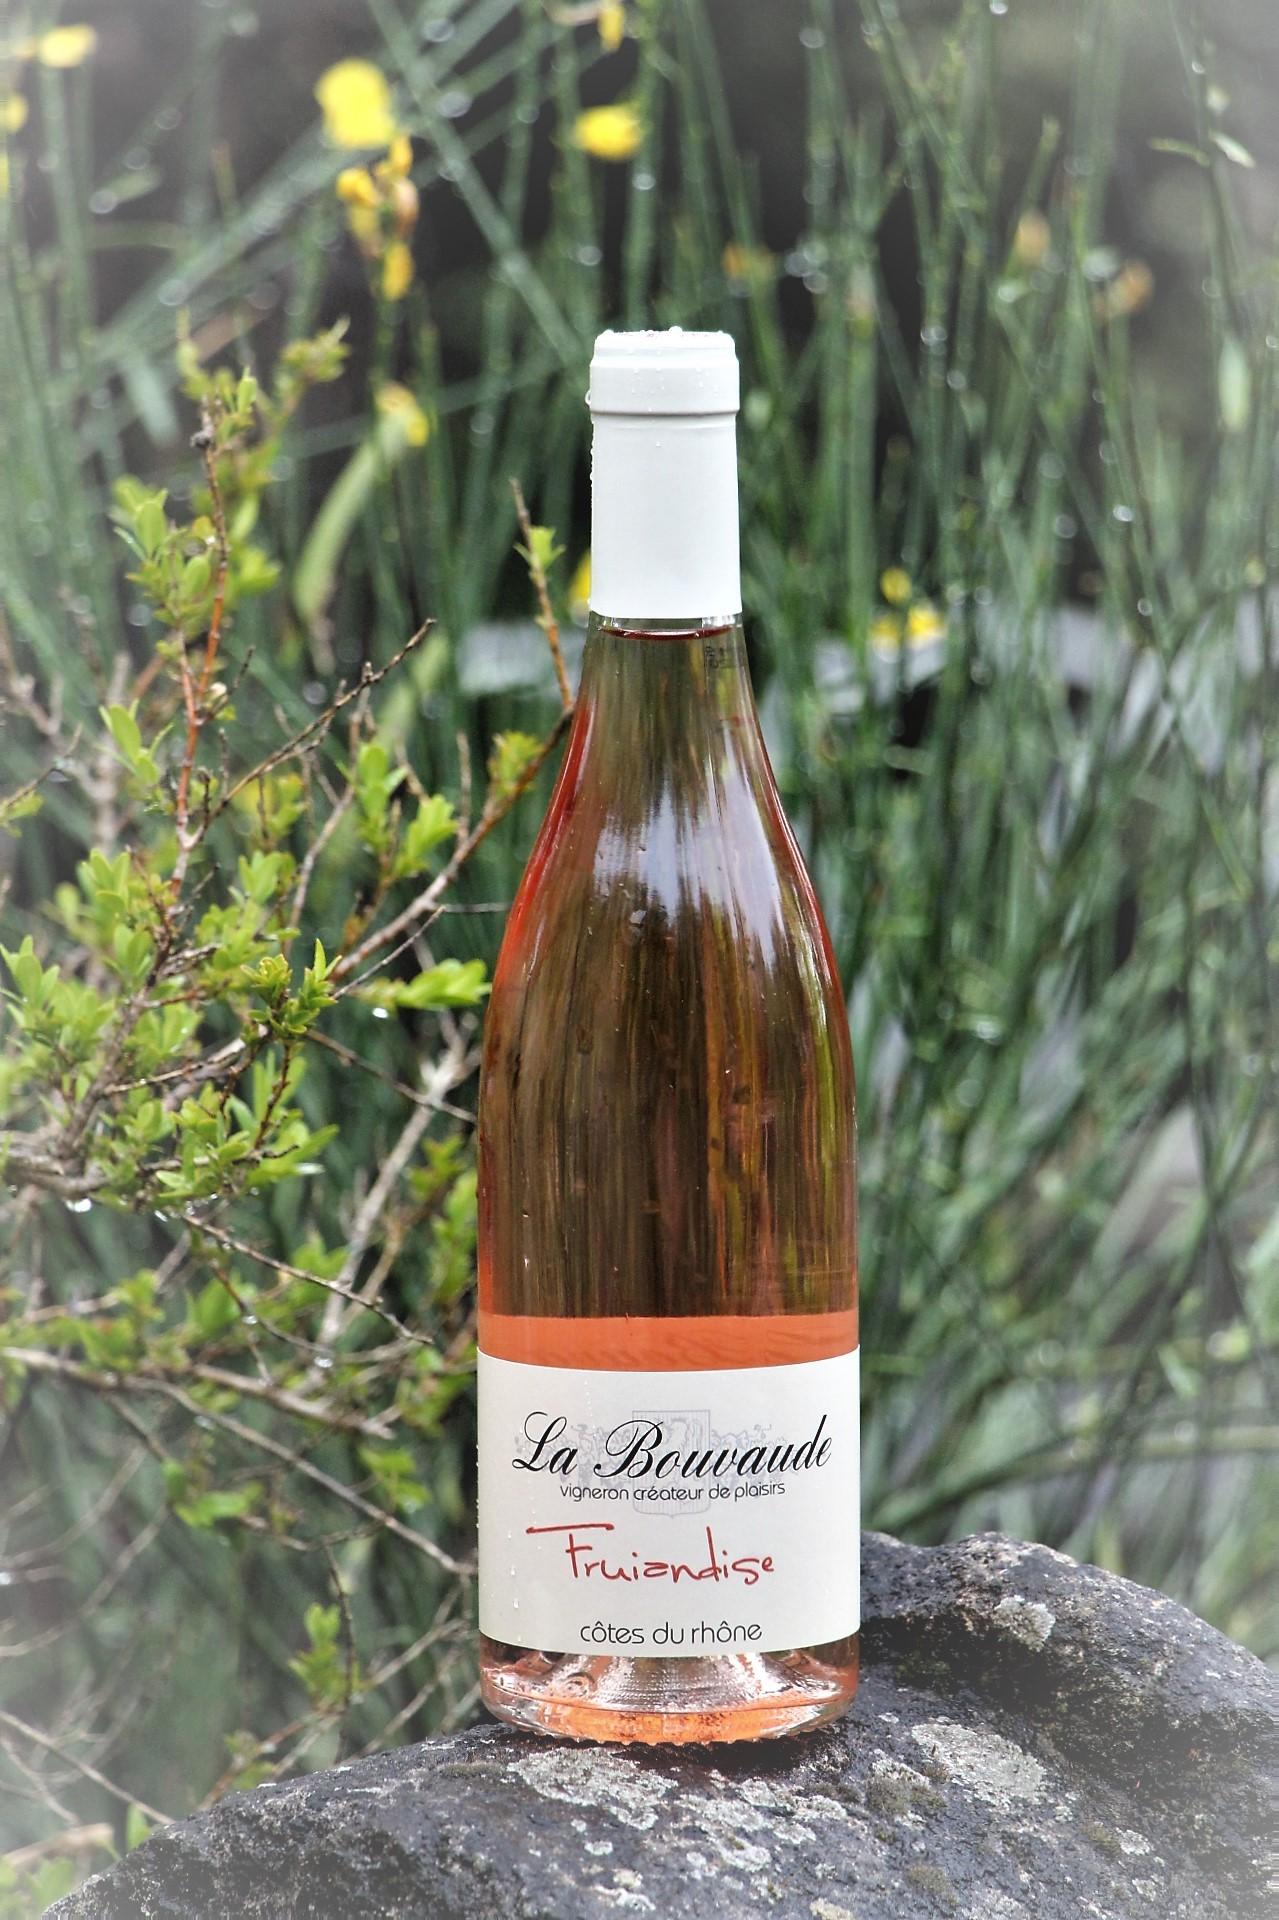 Bottle of rosé wine on a rock La Bouvaude Fruiandise Rousset les vignes